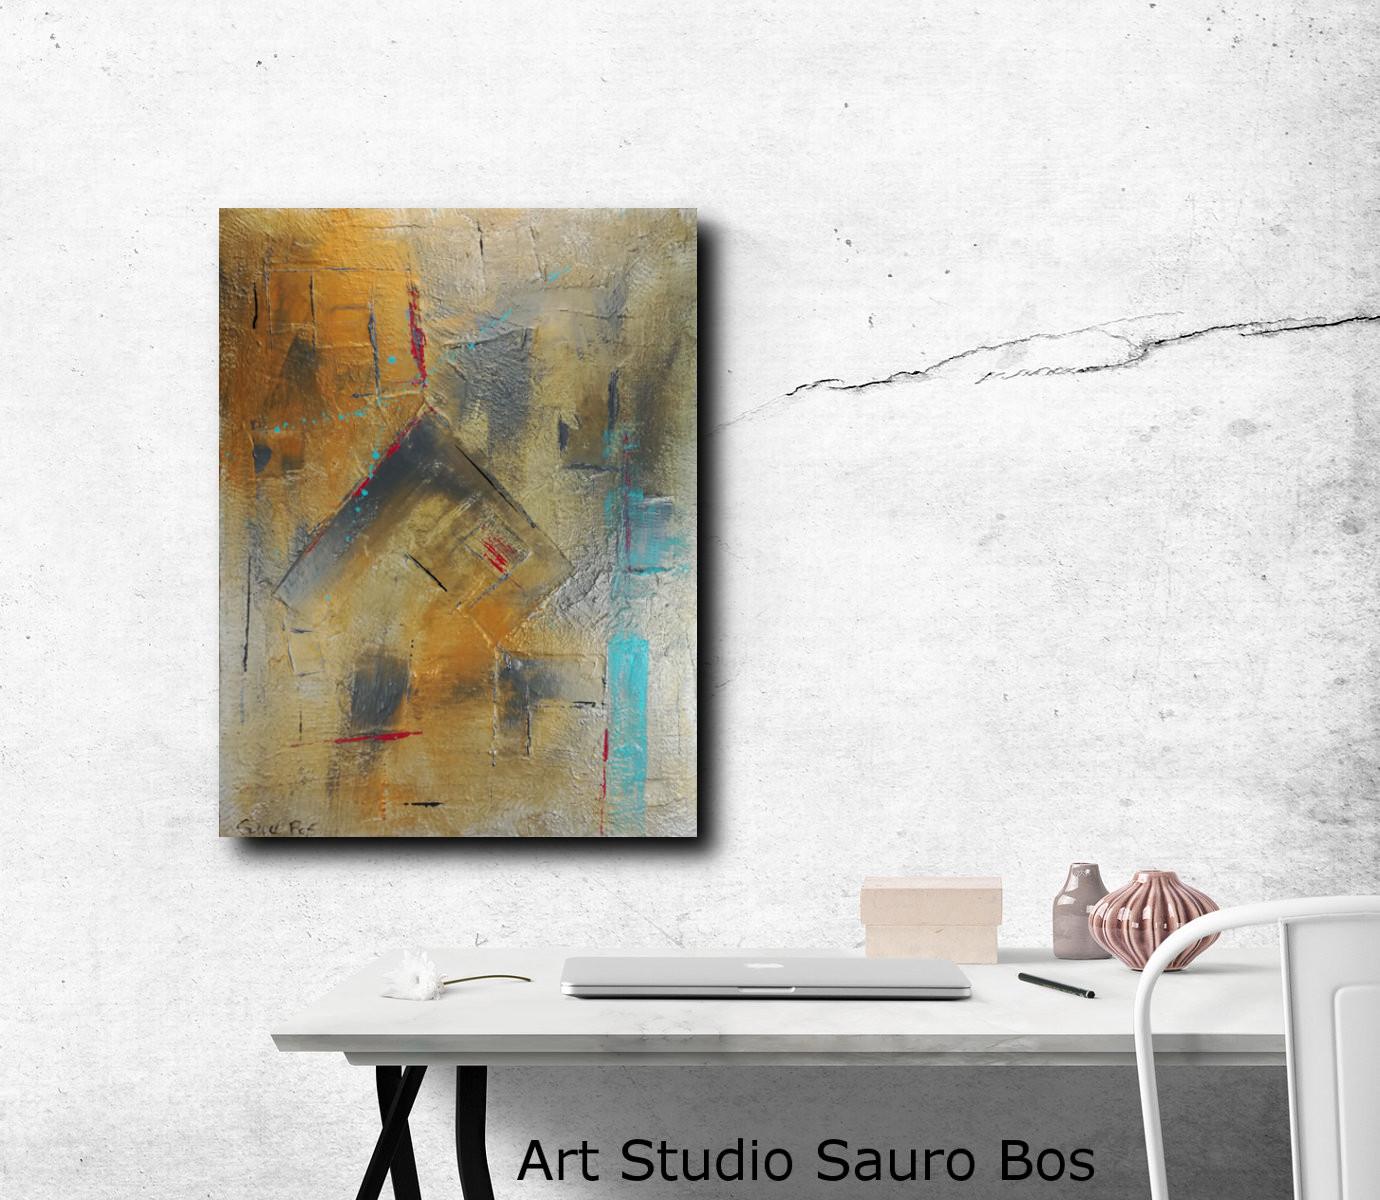 quadri moderni in rilievo 80x60 | sauro bos